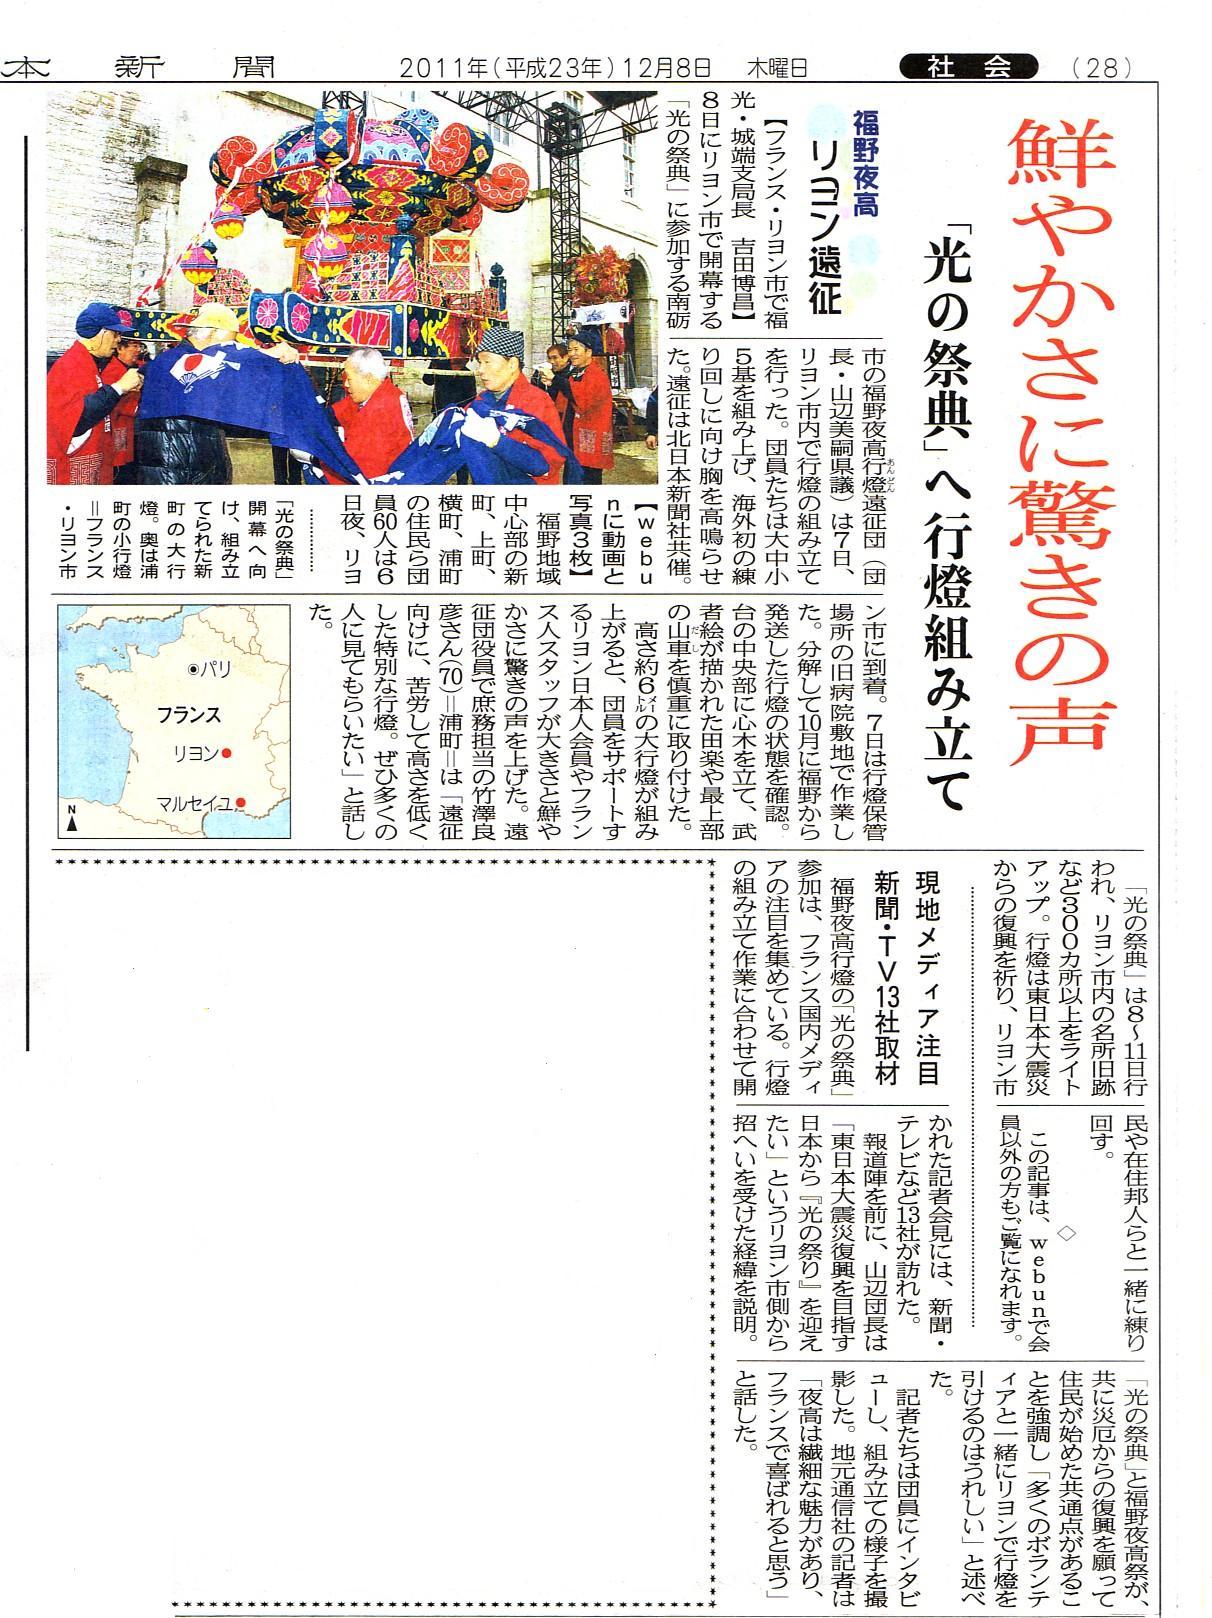 2011_12_8w.jpg